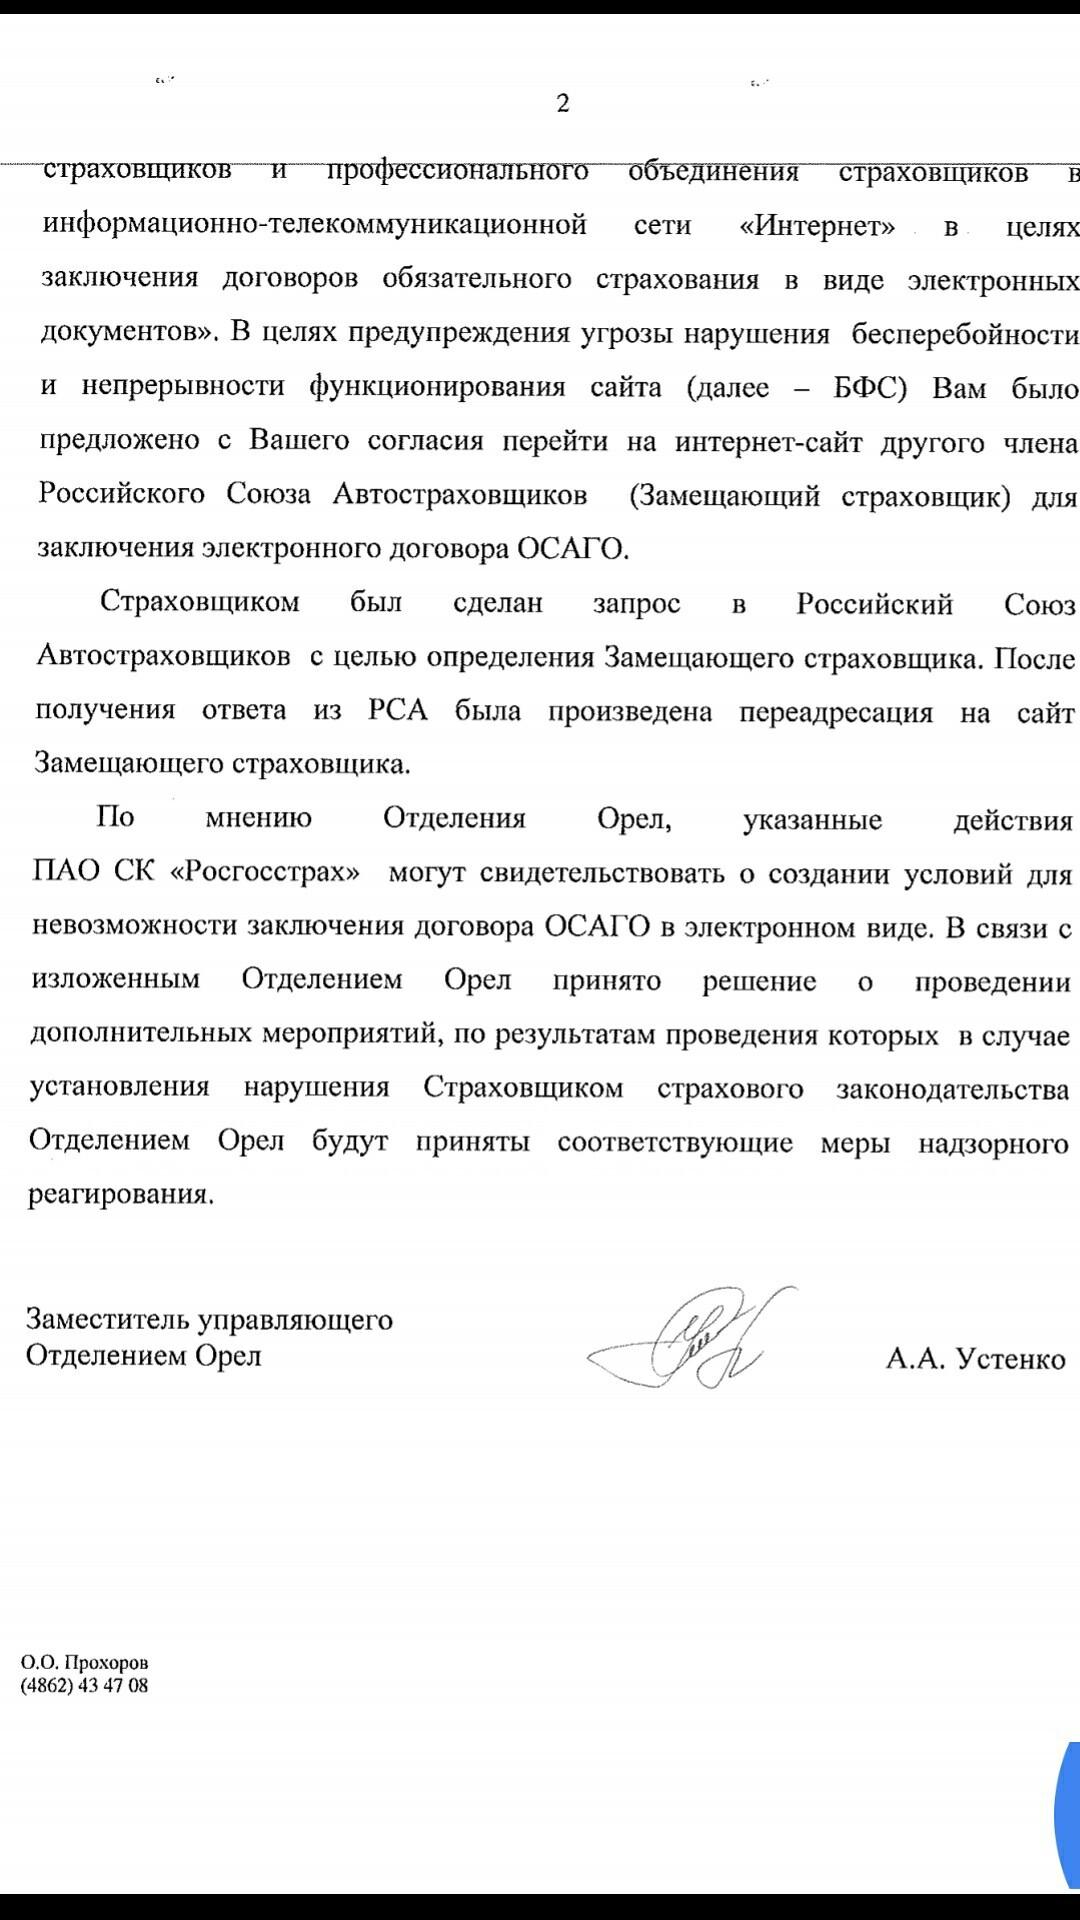 договор обязательного страхования в виде электронного документа